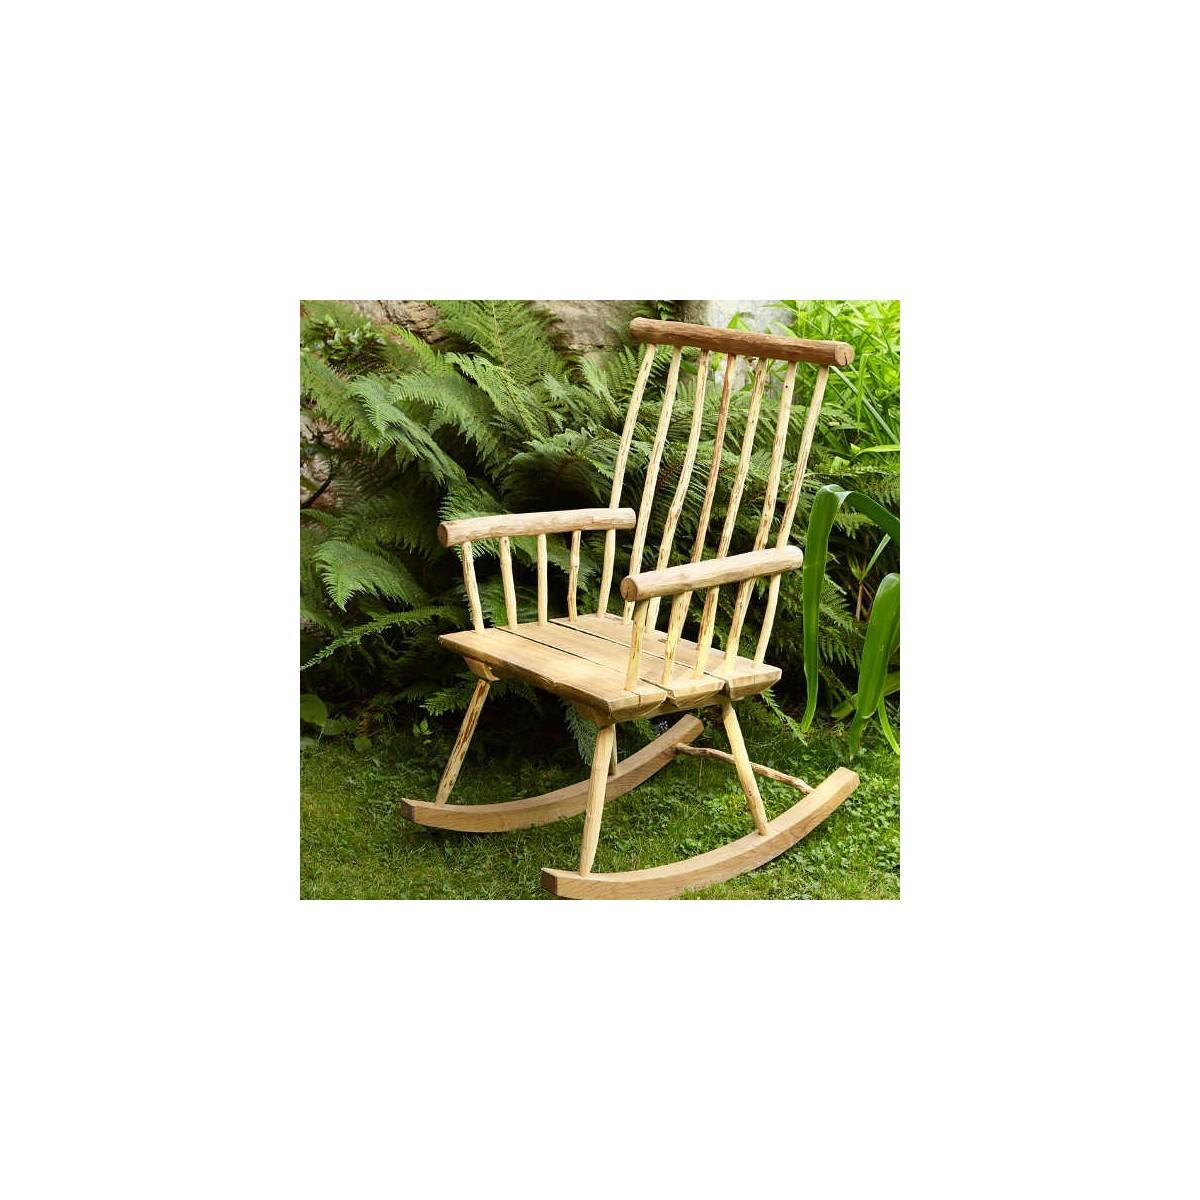 fauteuil bascule mobilier de jardin en bois botanique editions. Black Bedroom Furniture Sets. Home Design Ideas